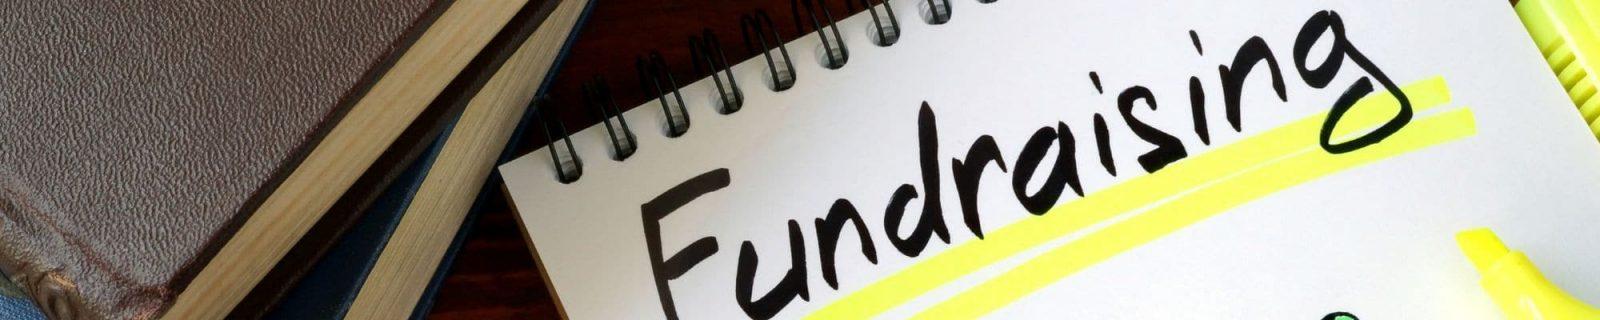 francesco inguscio fundraising